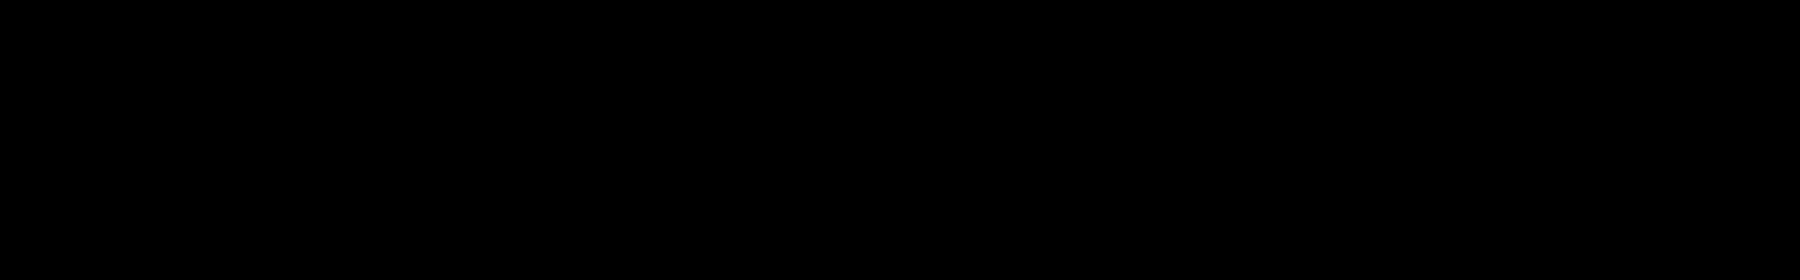 Plucked Ukulele 1 audio waveform